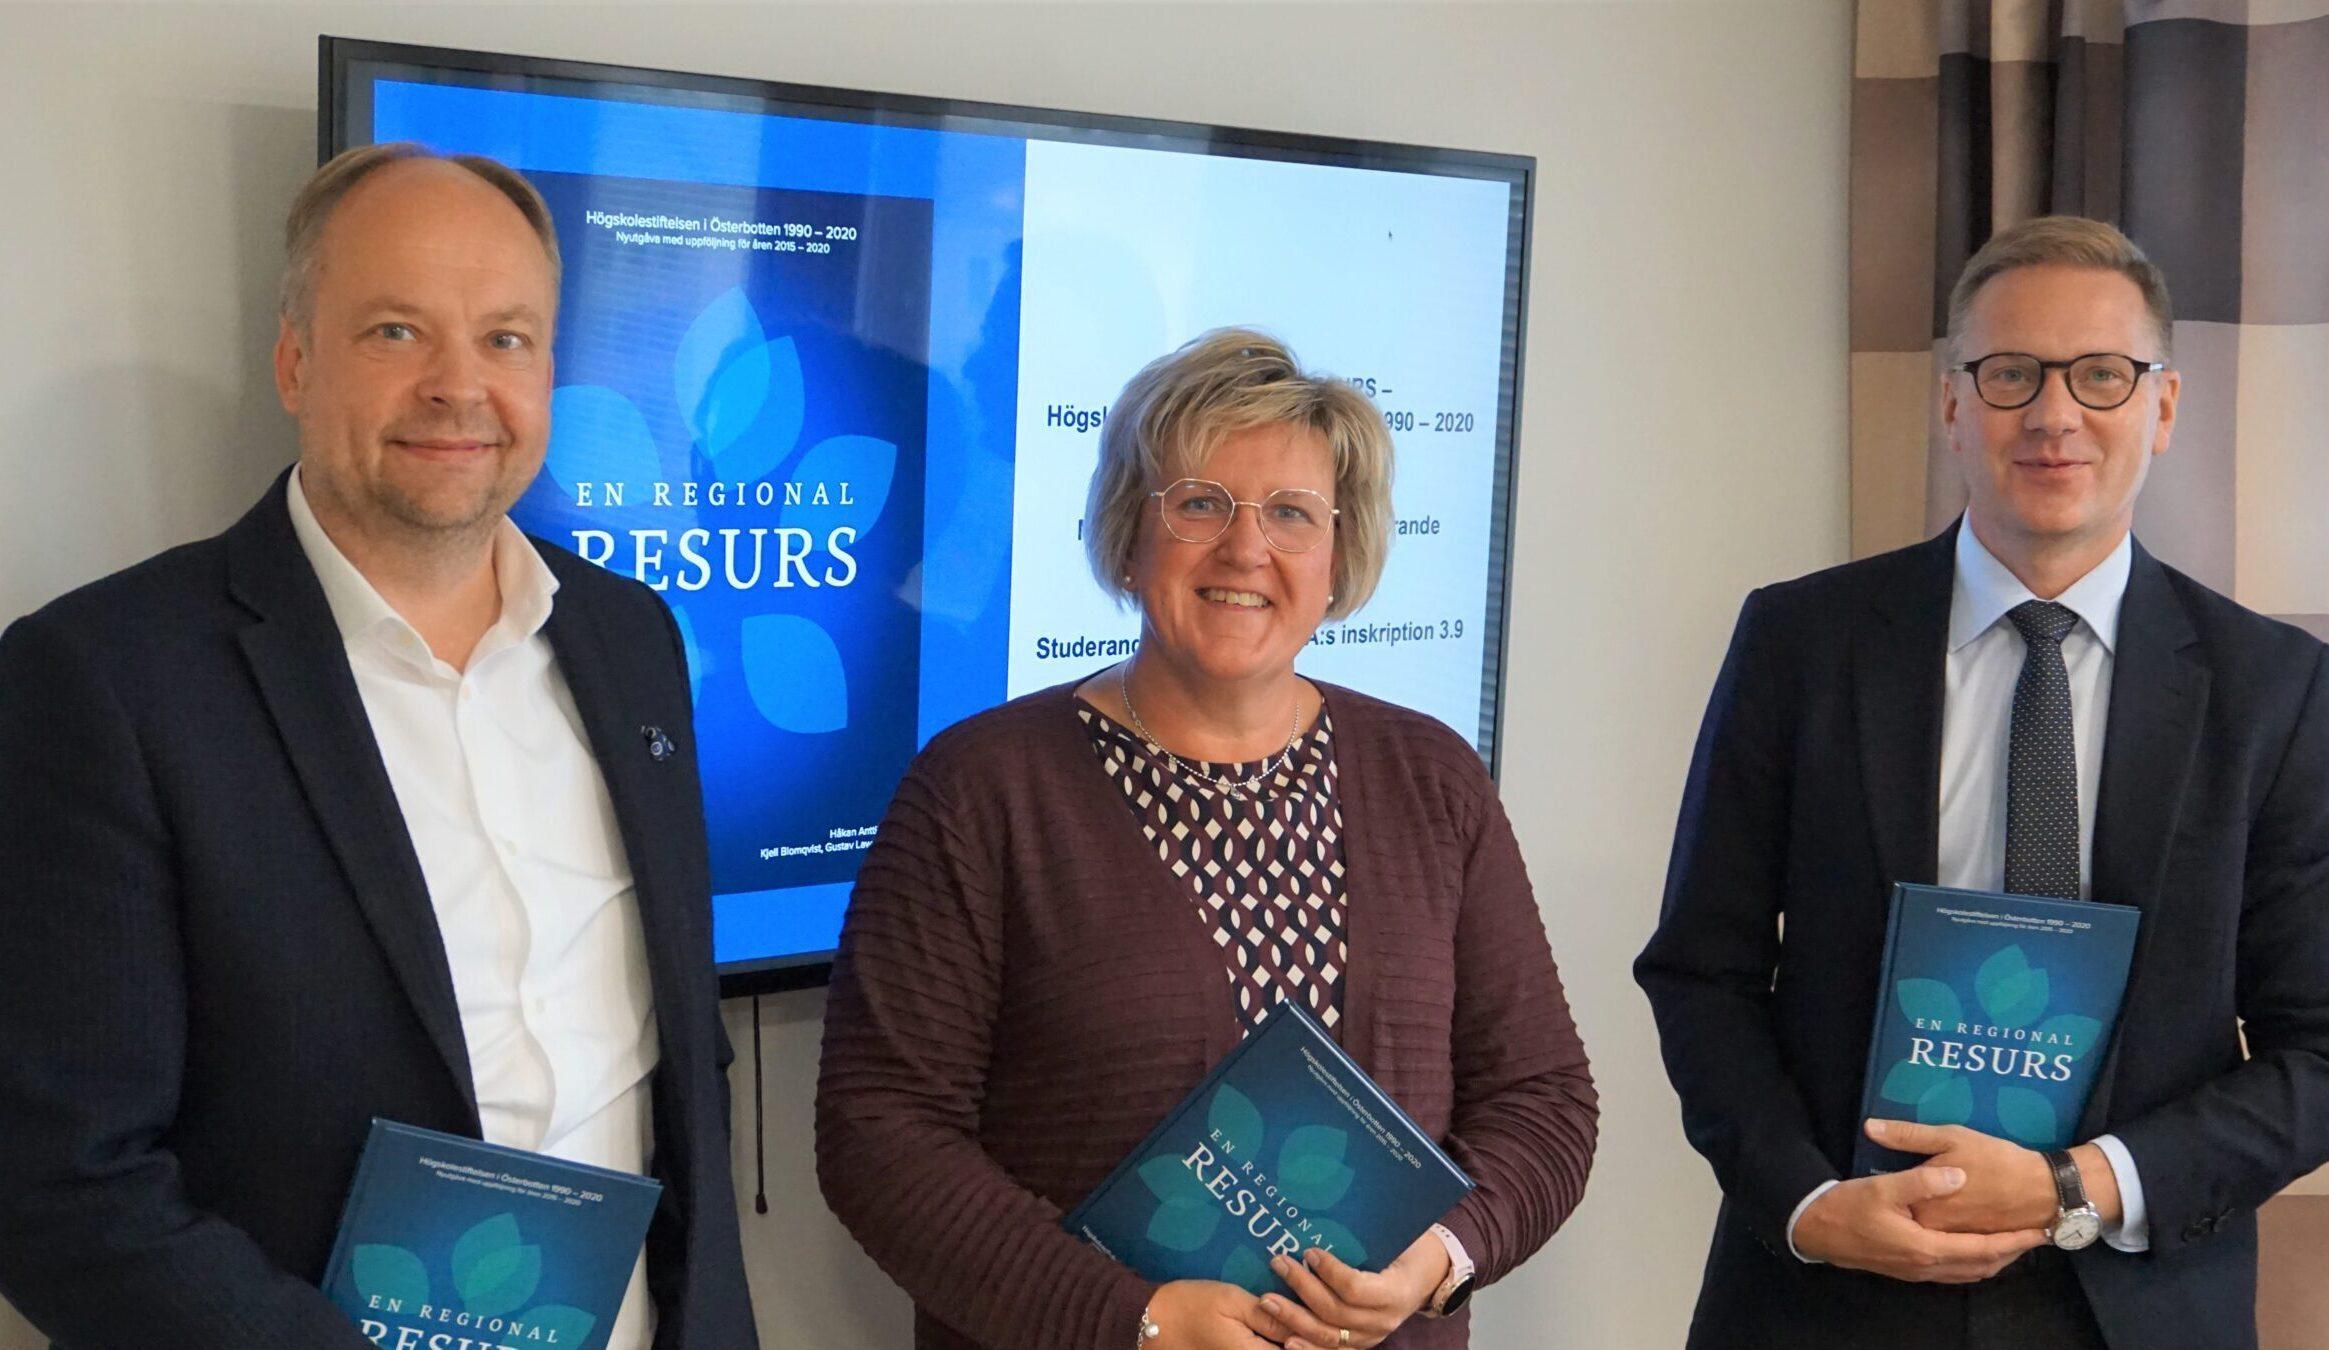 Mats Brandt vald till ny delegationsordförande för Högskolestiftelsen i Österbotten